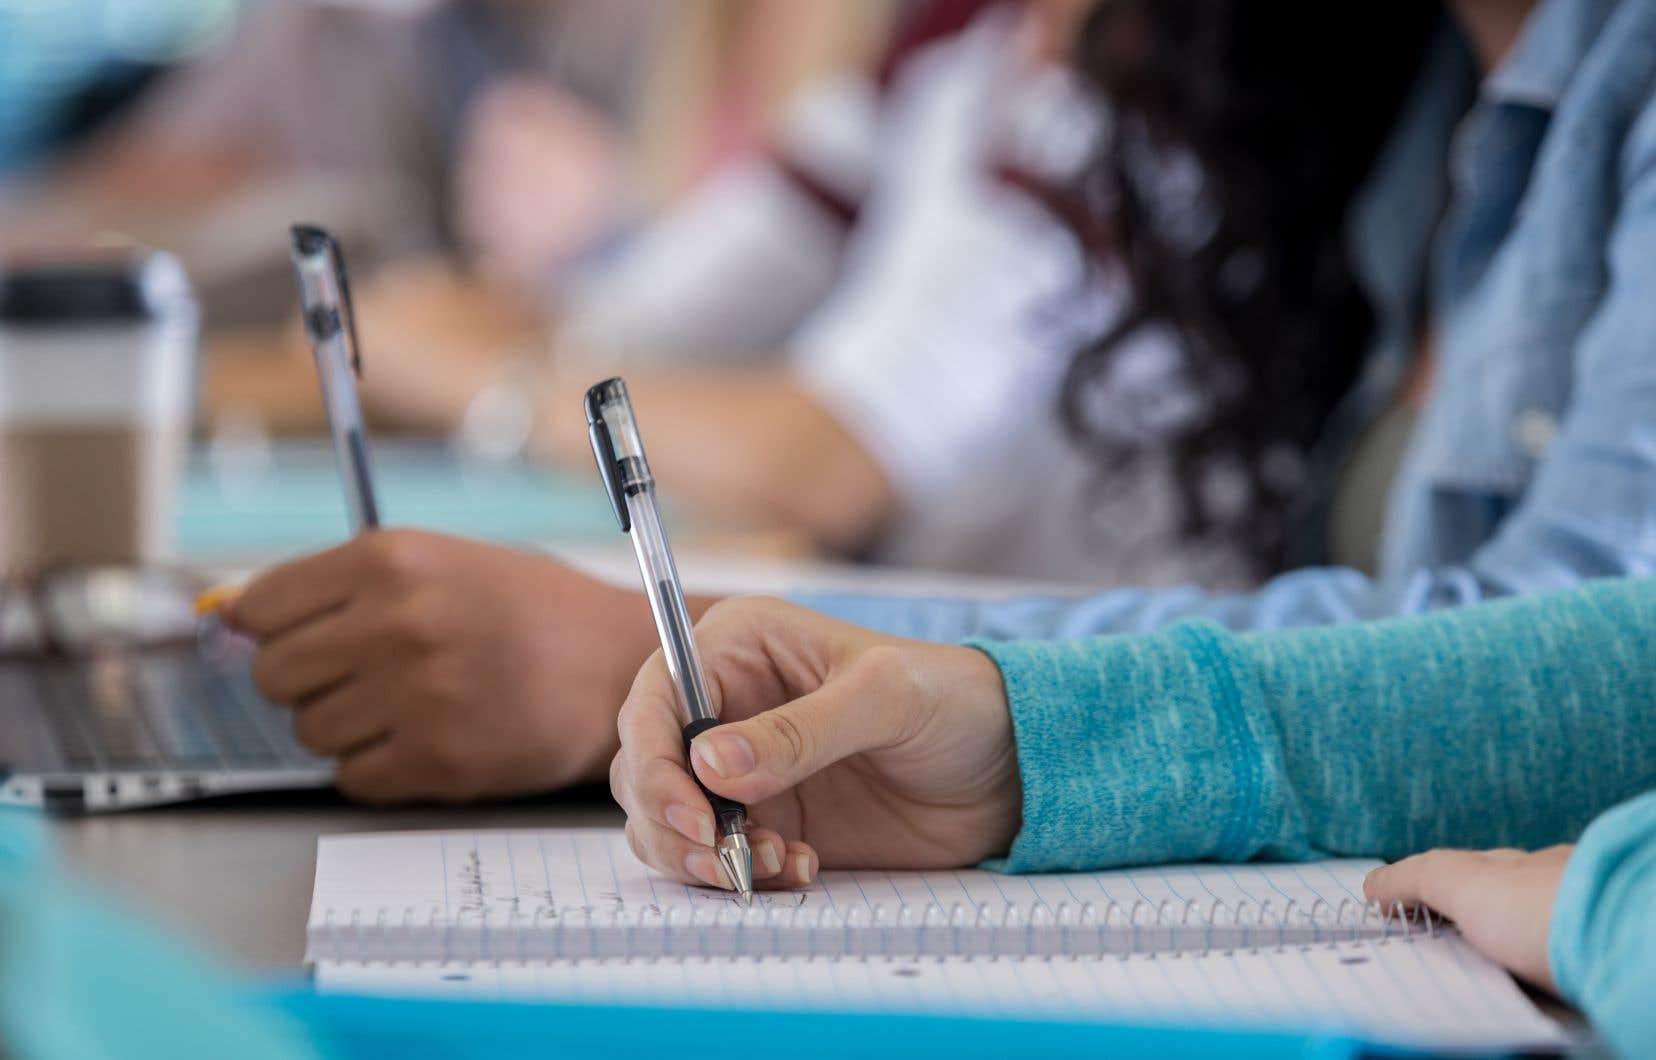 «Avant d'abandonner un projet pédagogique réfléchi comme le fut ECR, le gouvernement Legault devrait mener une consultation générale, et en particulier auprès des parents», croit l'auteur.